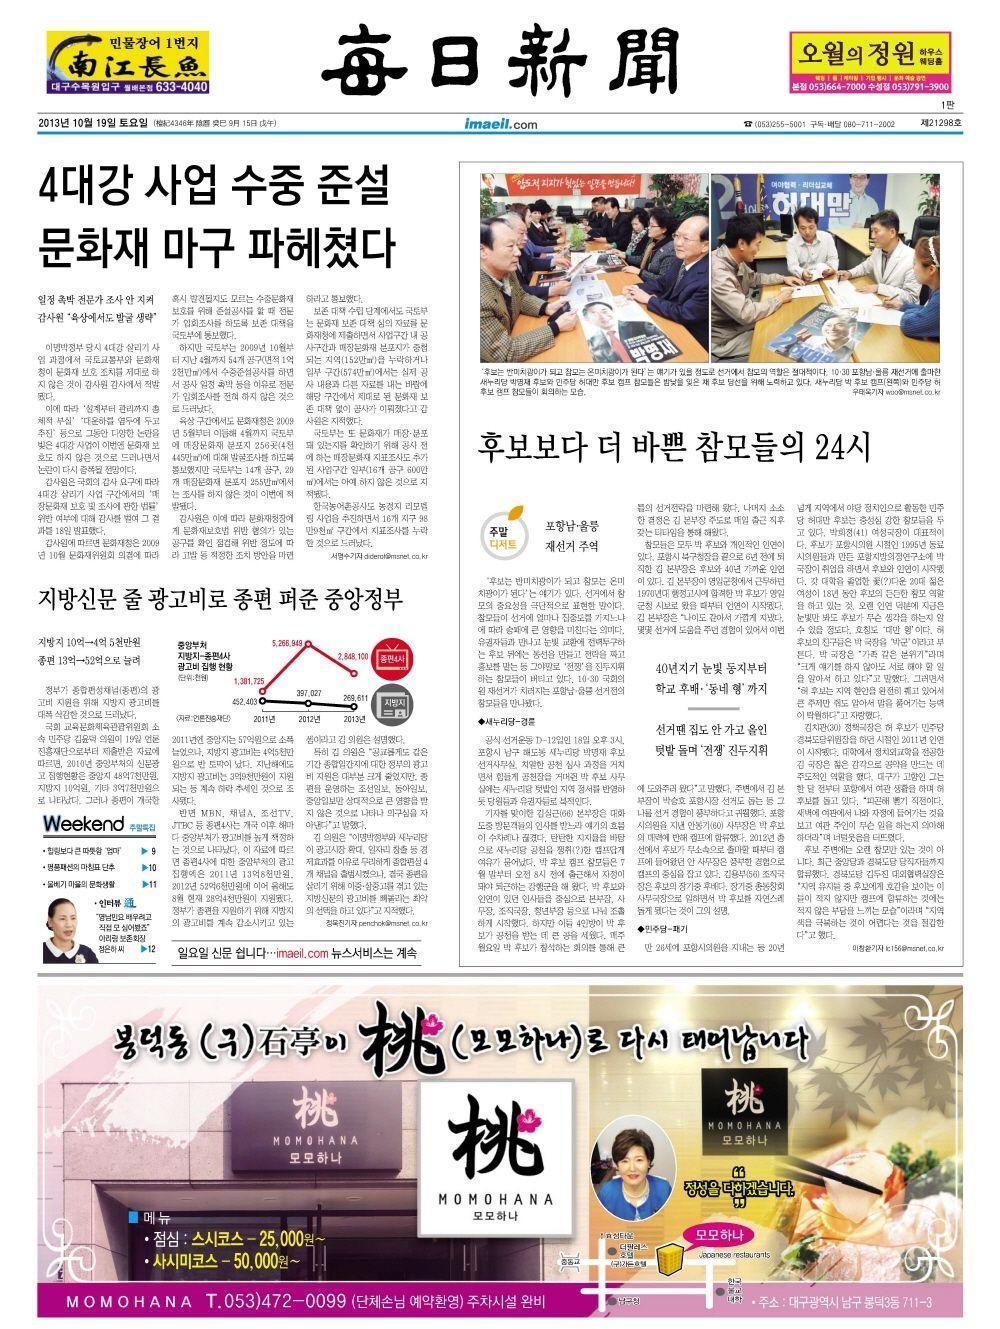 2013년 10월 19일 토요일 매일신문 1면